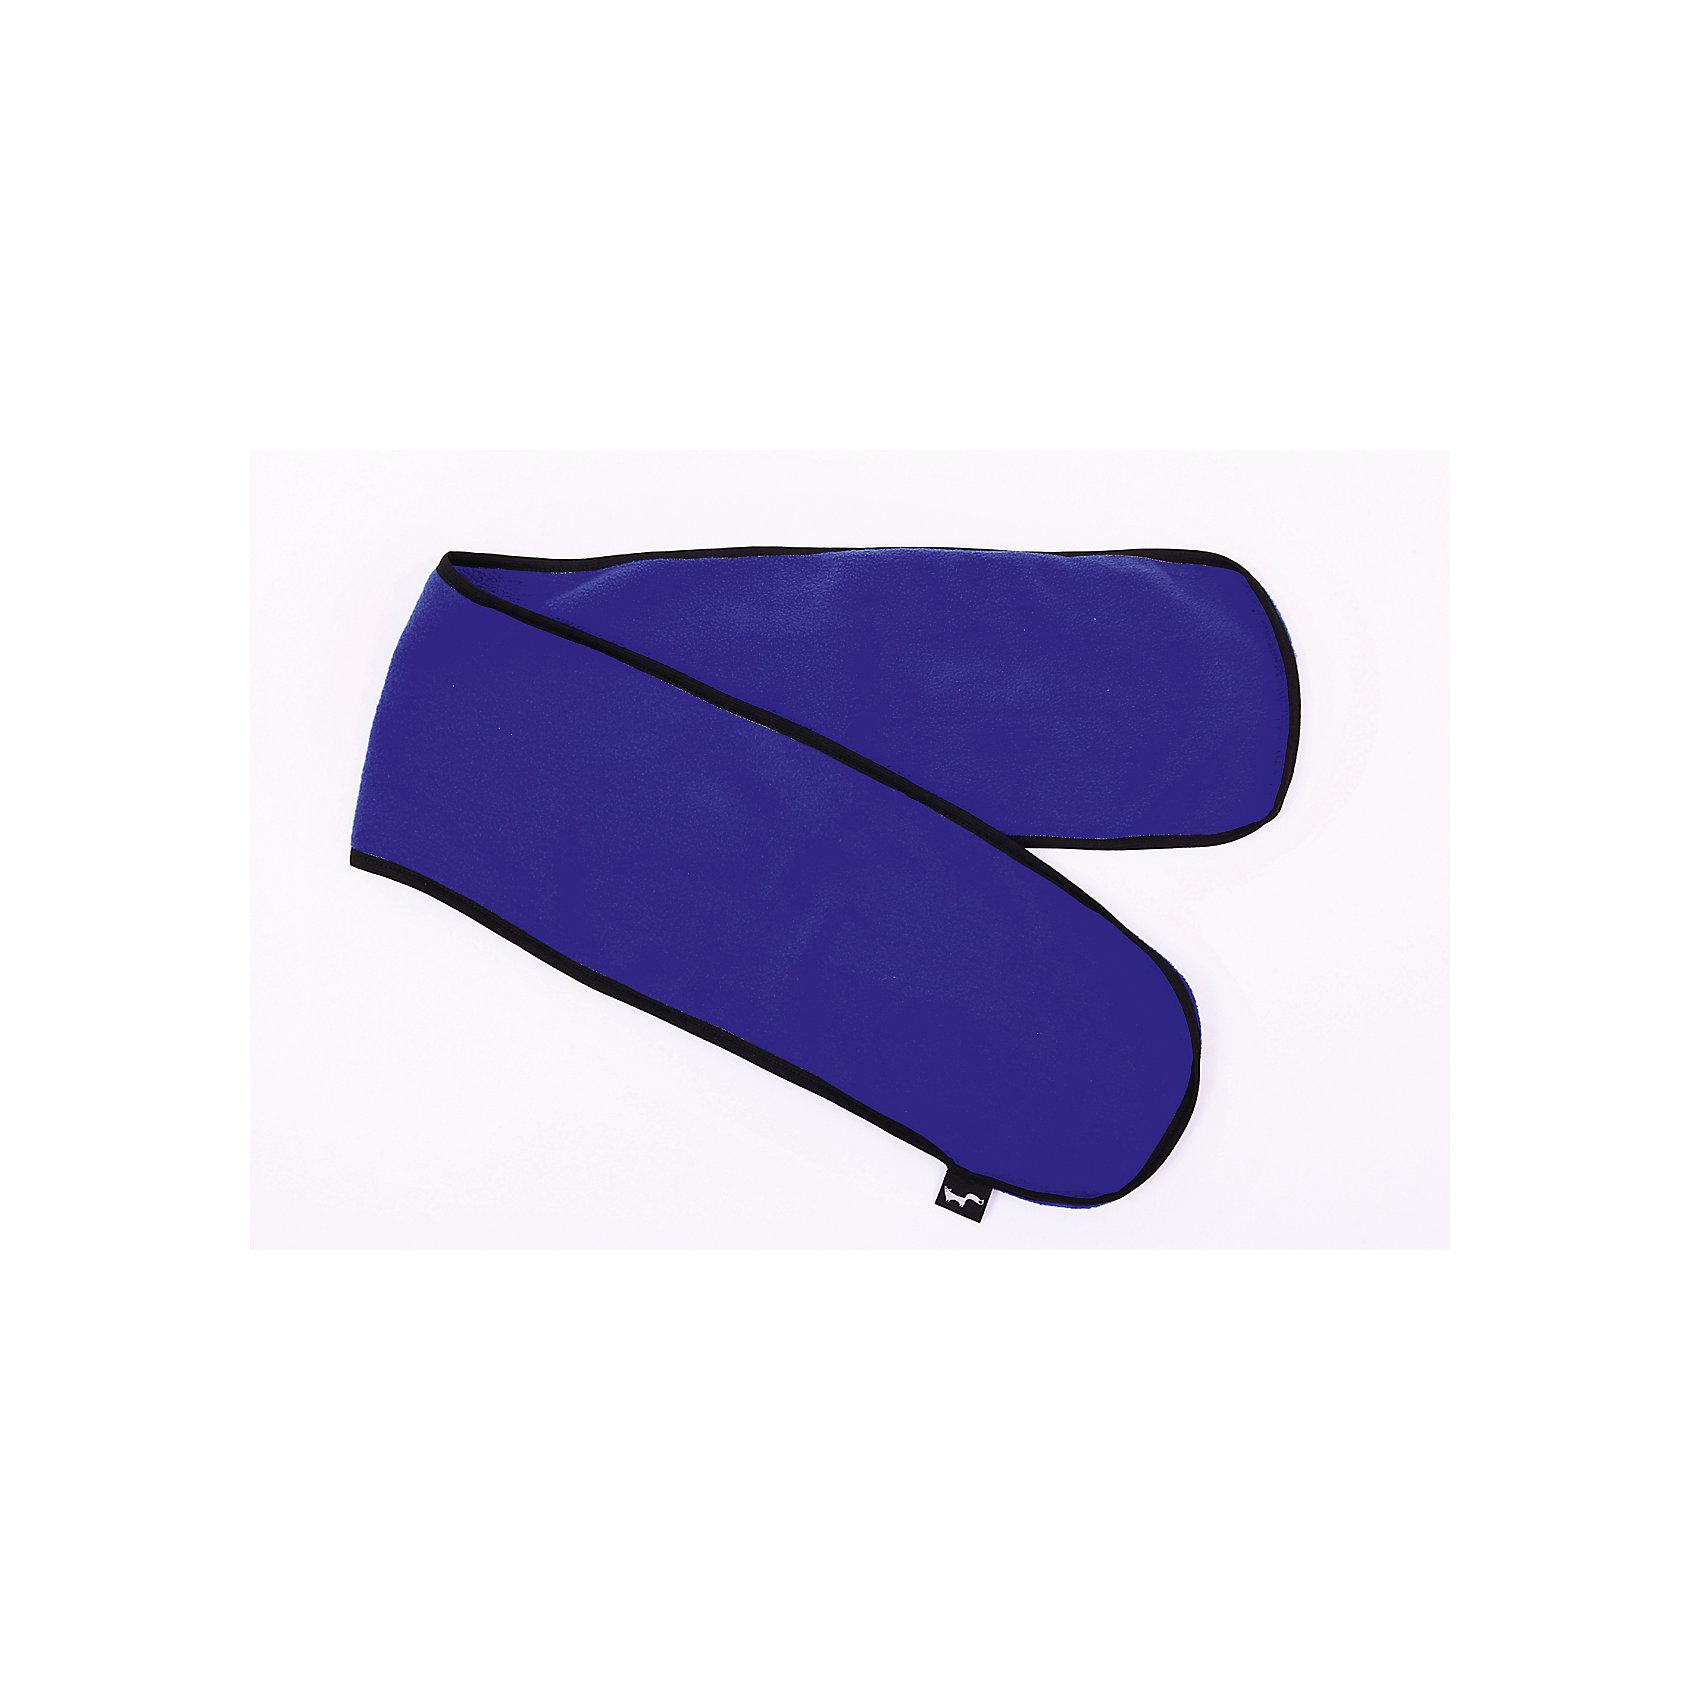 Шарф двусторонний  ЛисФлисФлис и термобелье<br>Характеристики двустороннего шарфа:<br><br>-комплектация: шарф<br>- пол: для мальчиков<br>- рисунок: без рисунка, логотип ЛисФлис<br>- цвет: синий<br>- размеры изделия:16*16 <br>- фактура материала: флис<br>- сезон: круглогодичный<br>- страна бренда: Россия<br>- страна производитель: Россия<br><br>Шарф двусторонний российской торговой компании ЛисФлис прекрасно дополнит любой детский комплект или комбинезон. Шарф двусторонний - это теплый, яркий и необычный аксессуар! Можно надевать любой стороной! Состав: 100% полиэстер<br><br>Шарф двусторонний торговой марки ЛисФлис  можно купить в нашем интернет-магазине.<br><br>Ширина мм: 89<br>Глубина мм: 117<br>Высота мм: 44<br>Вес г: 155<br>Цвет: синий<br>Возраст от месяцев: 12<br>Возраст до месяцев: 108<br>Пол: Унисекс<br>Возраст: Детский<br>Размер: one size<br>SKU: 5007694